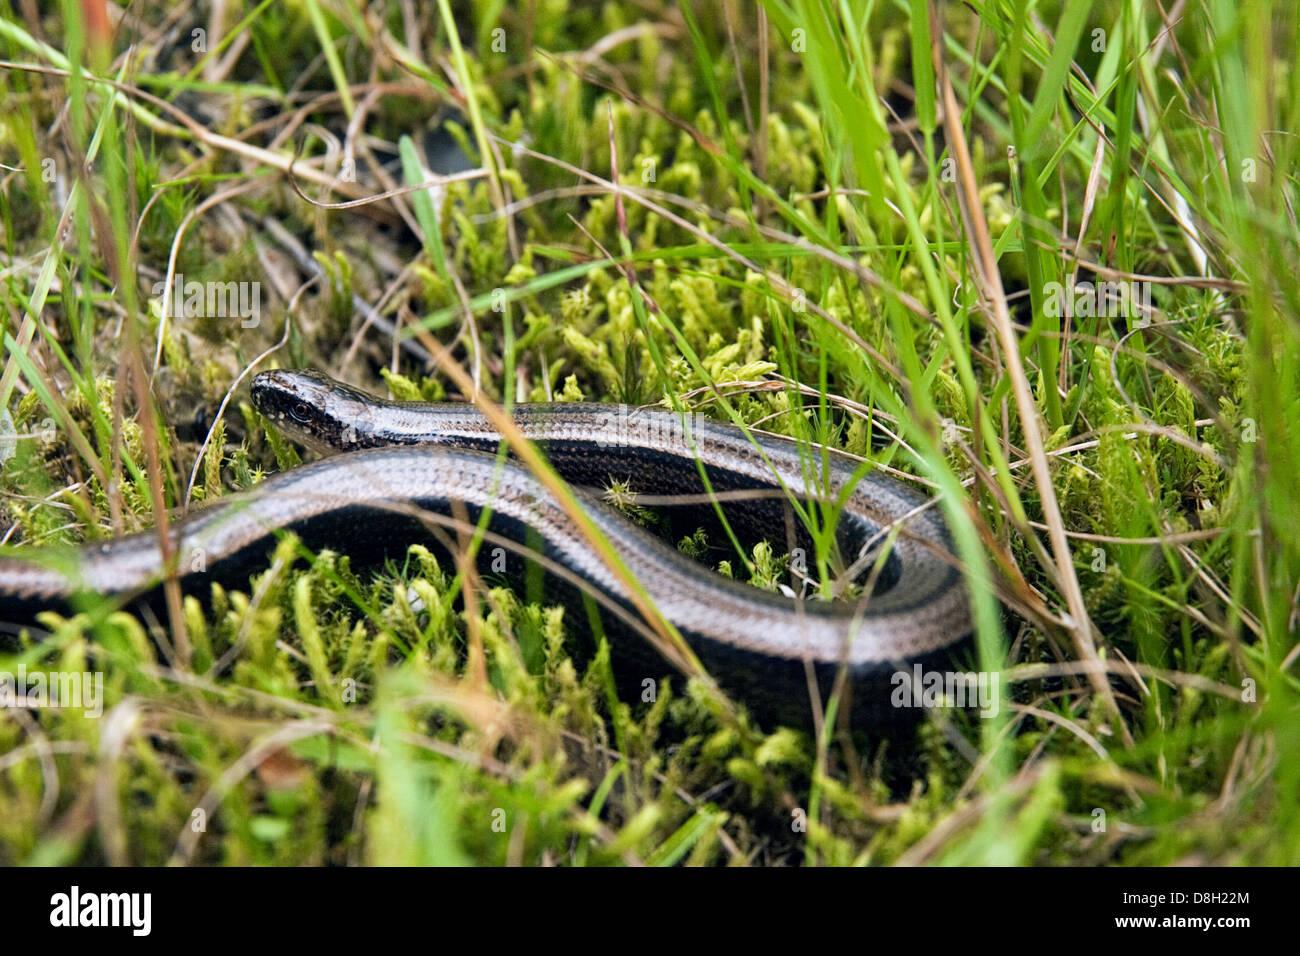 Blindworm Stock Photo